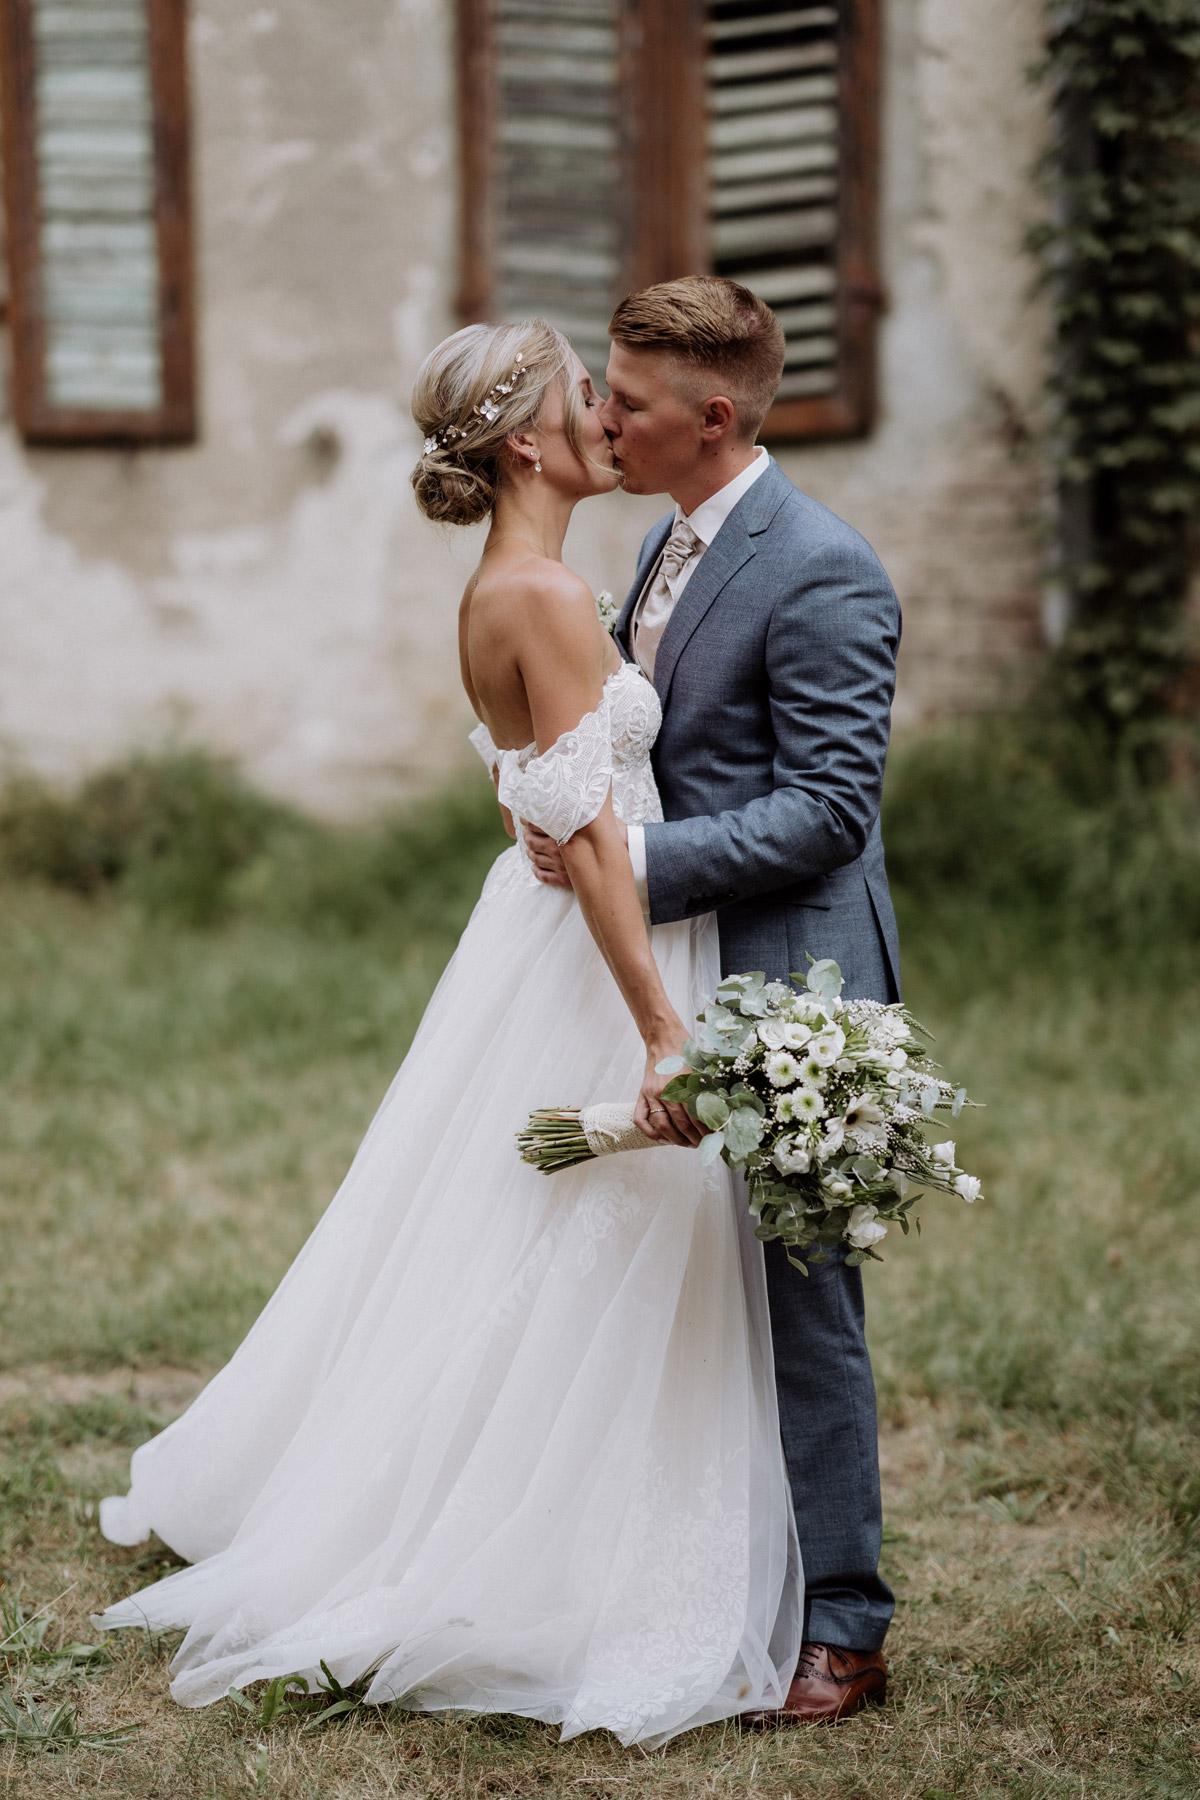 Brautpaar Hochzeit Shooting Idee Braut und Bräutigam küssen sich in Ganzkörper Aufnahme von vintage Hochzeitsfotograf Berlin, weißer Brautstrauß mit Eukalyptus © www.hochzeitslicht.de #hochzeitslicht #hochzeit #brautpaarfoto #idee #hochzeitsshooting